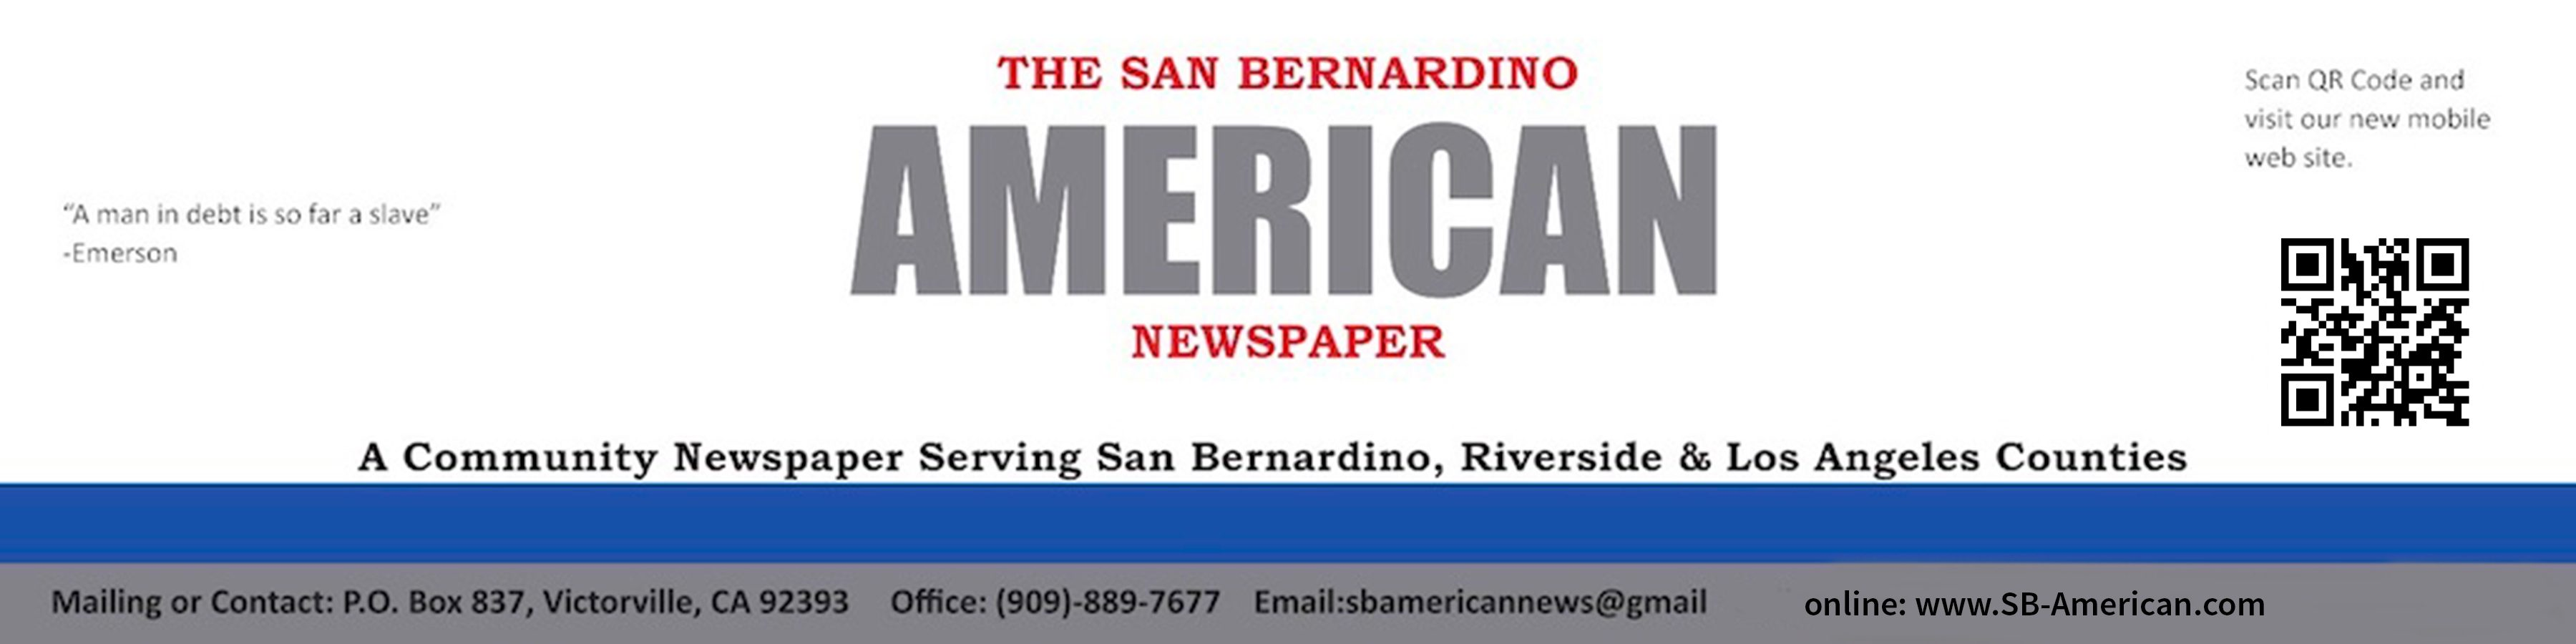 San Bernardino American News